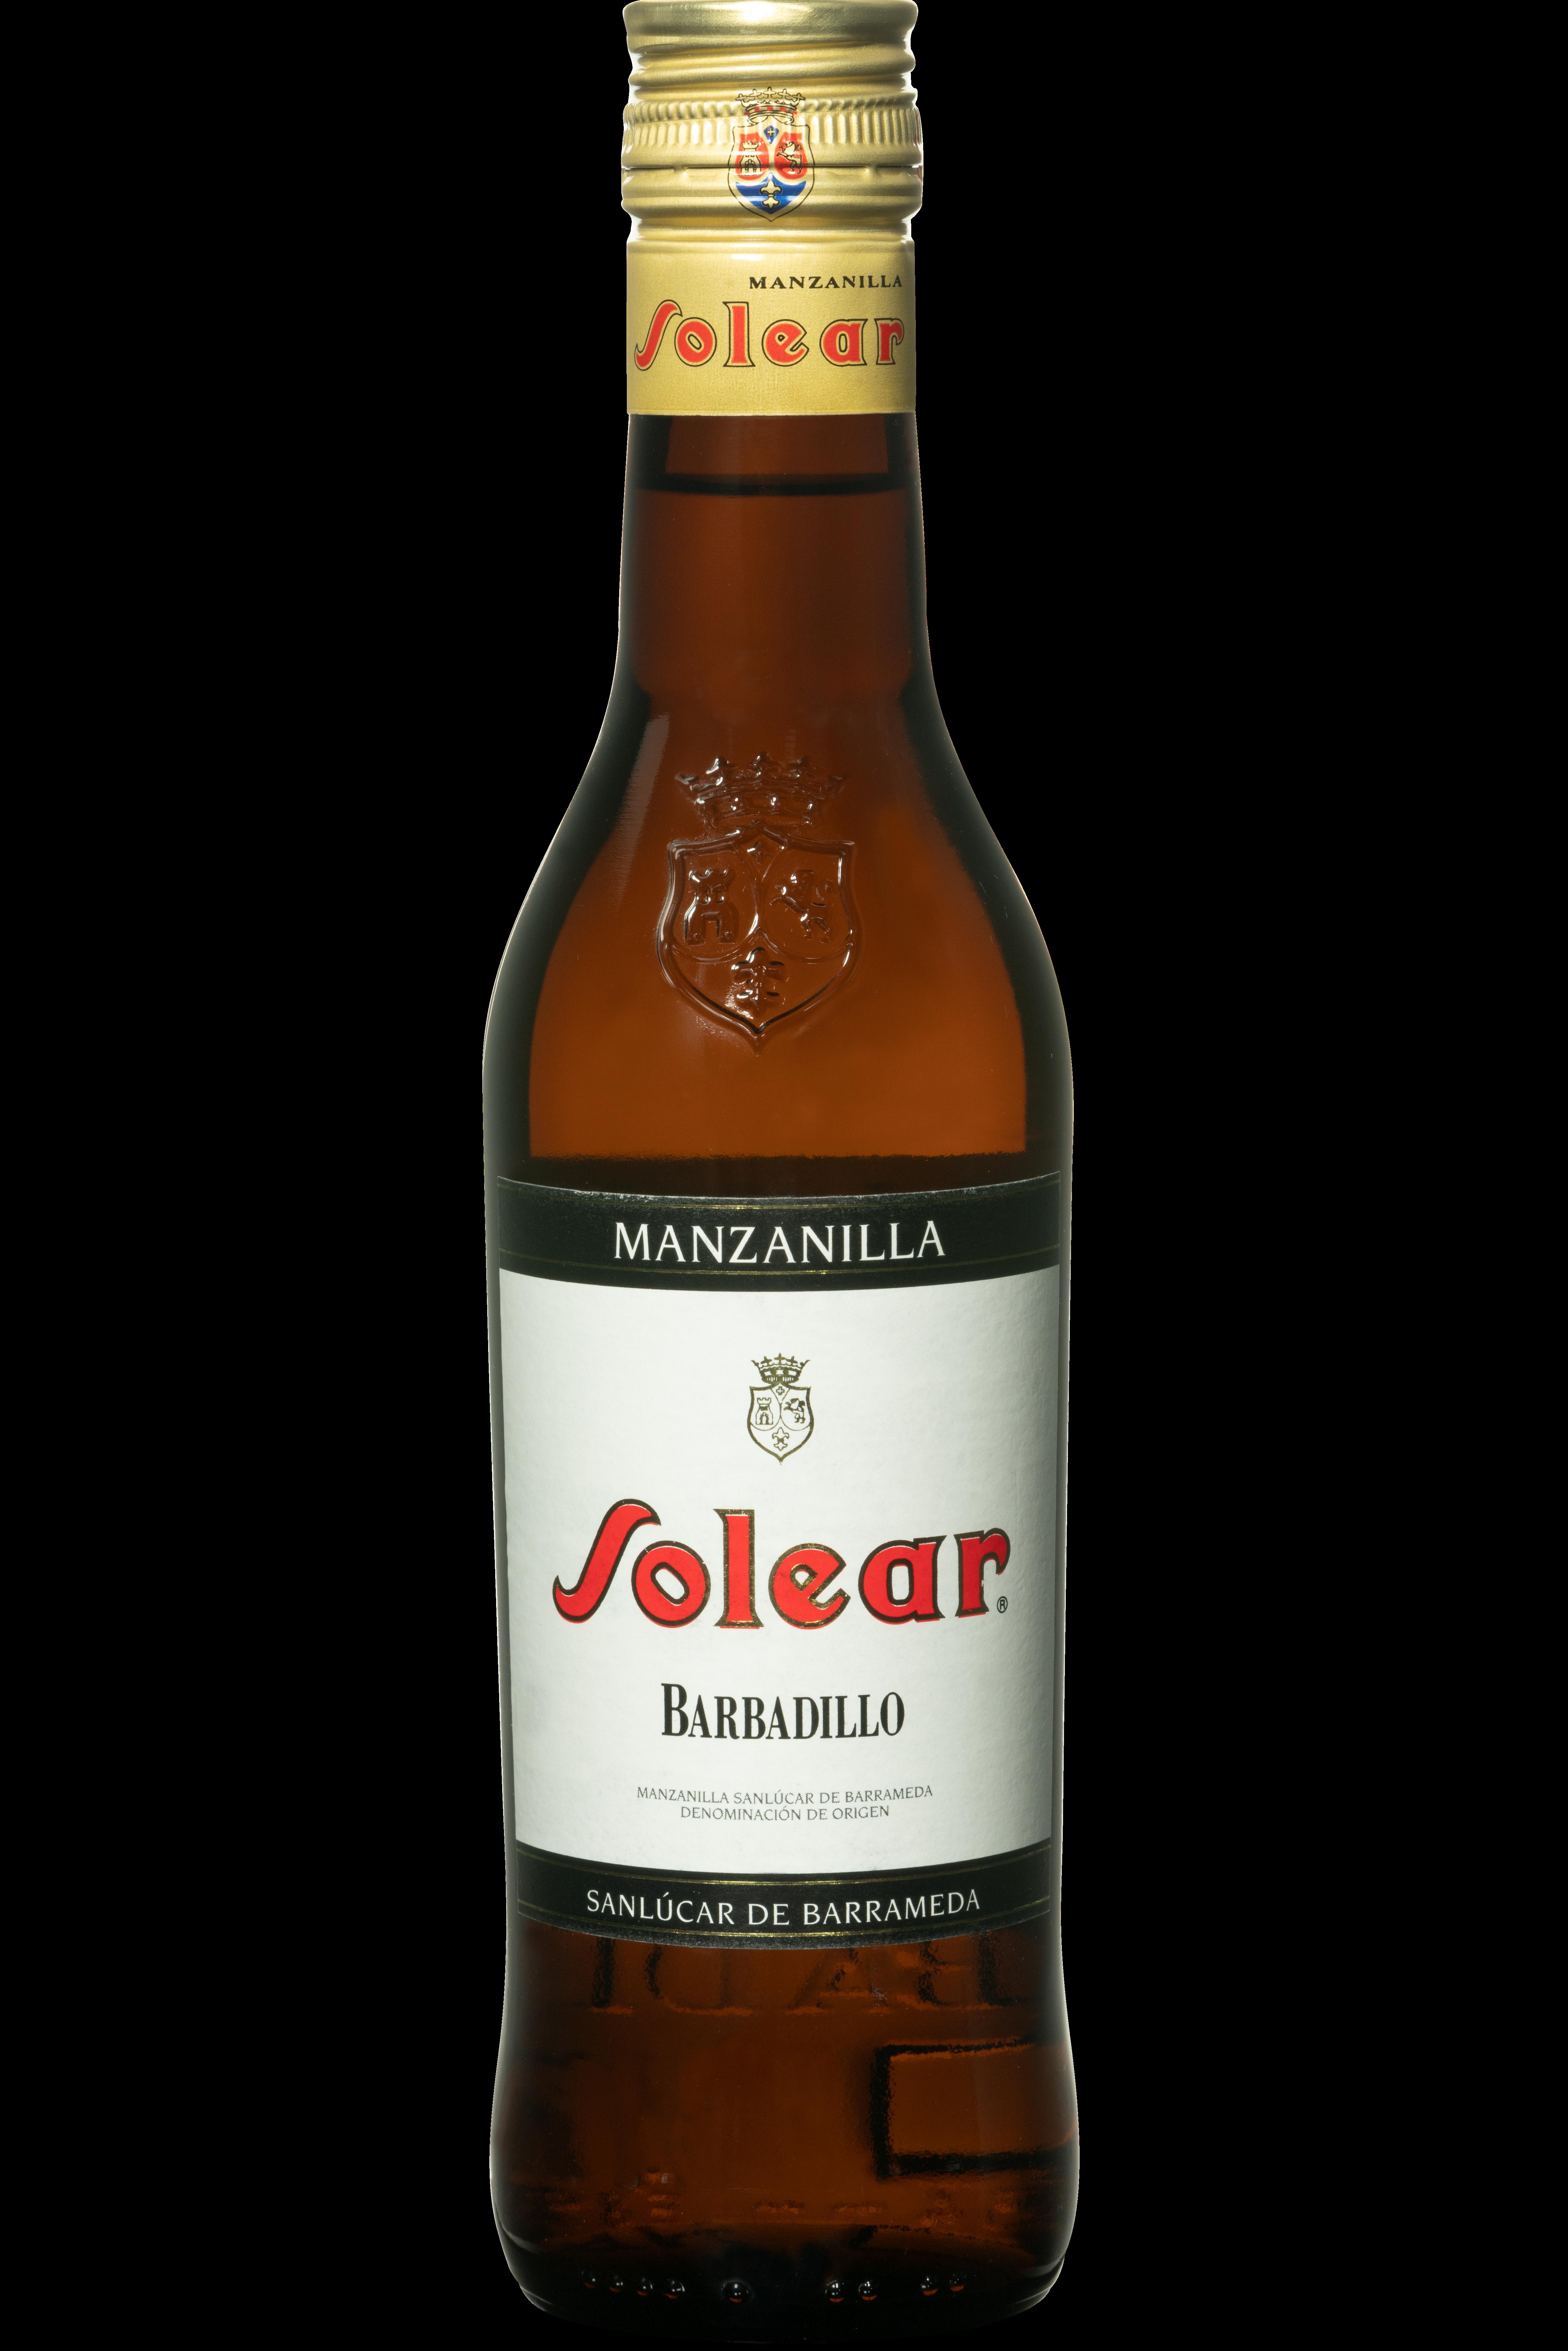 Manzanilla sherry solear 37,5 Spanje klein flesje sherry wijn